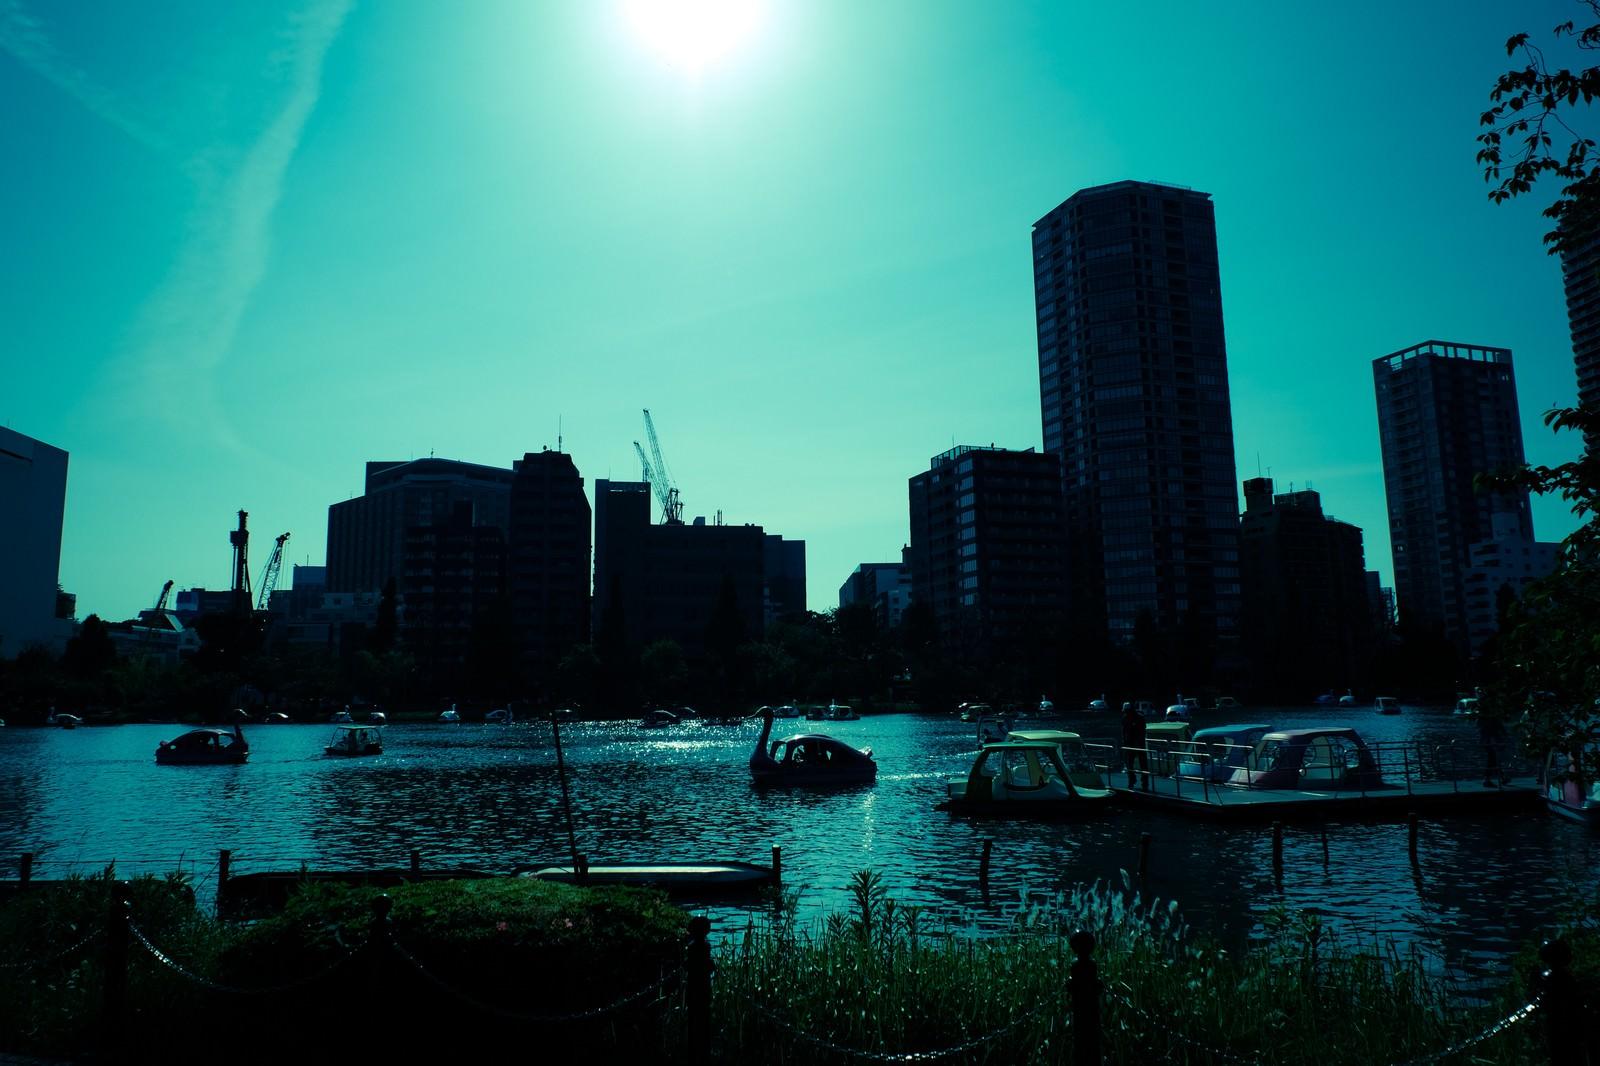 「日差しとスワンボート」の写真